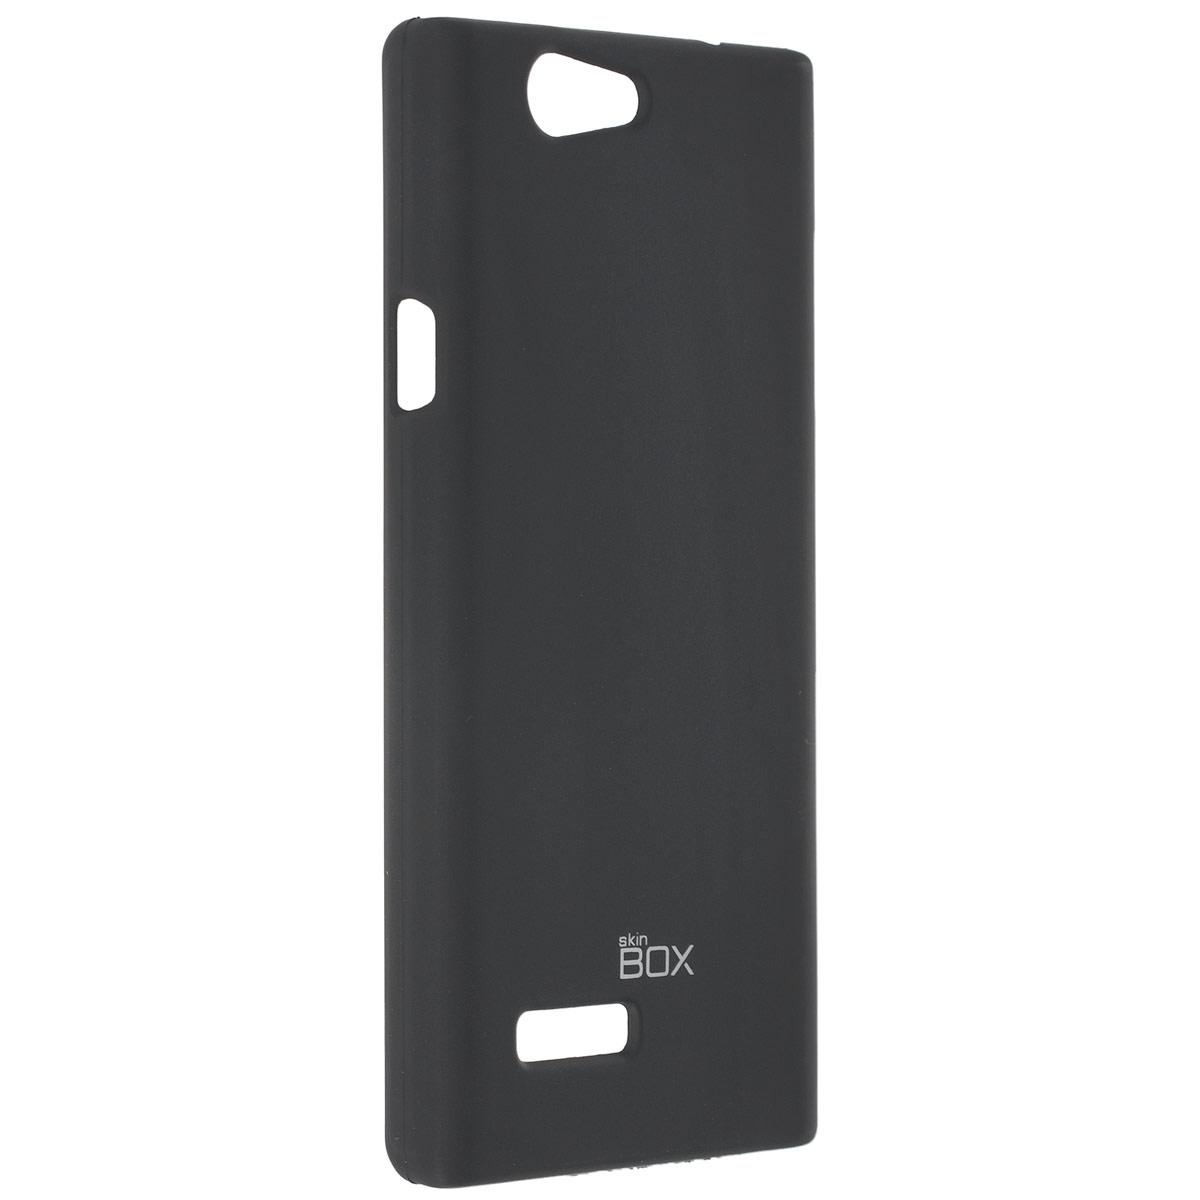 Skinbox Shield 4People чехол для ZTE Blade L2, BlackT-S-ZBL2-002Чехол Skinbox Shield 4People для ZTE Blade L2 предназначен для защиты корпуса смартфона от механических повреждений и царапин в процессе эксплуатации. Имеется свободный доступ ко всем разъемам и кнопкам устройства. В комплект также входит защитная пленка на экран телефона.